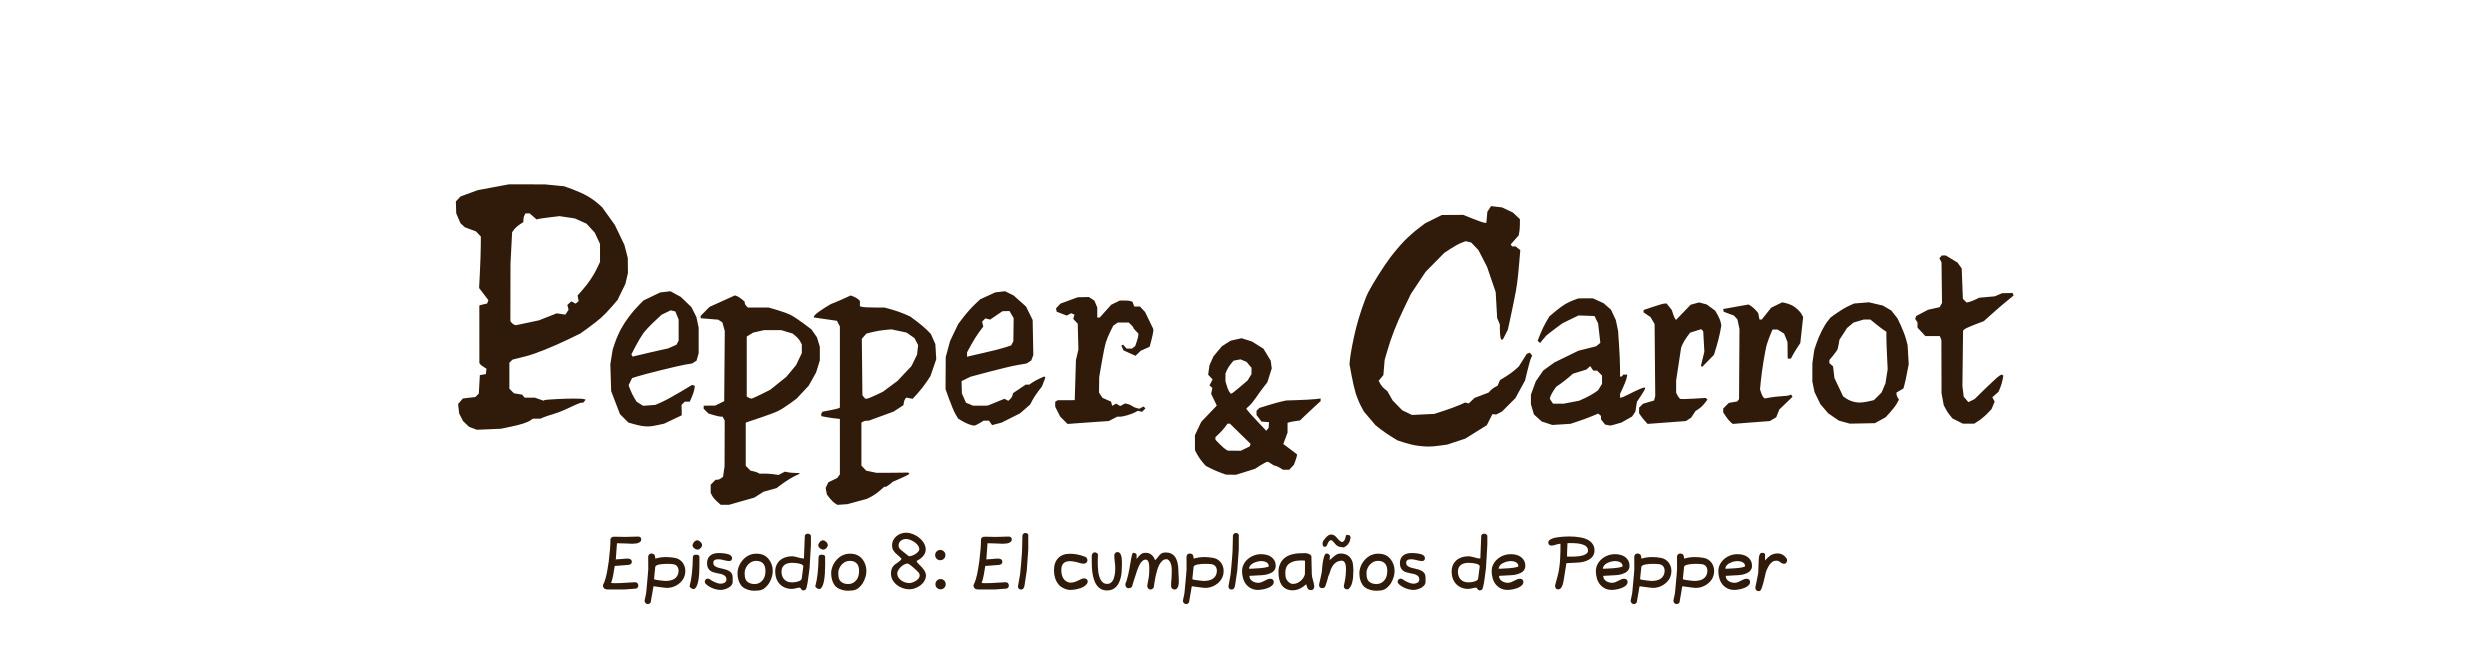 Episodio 8: El cumpleaños de Pepper